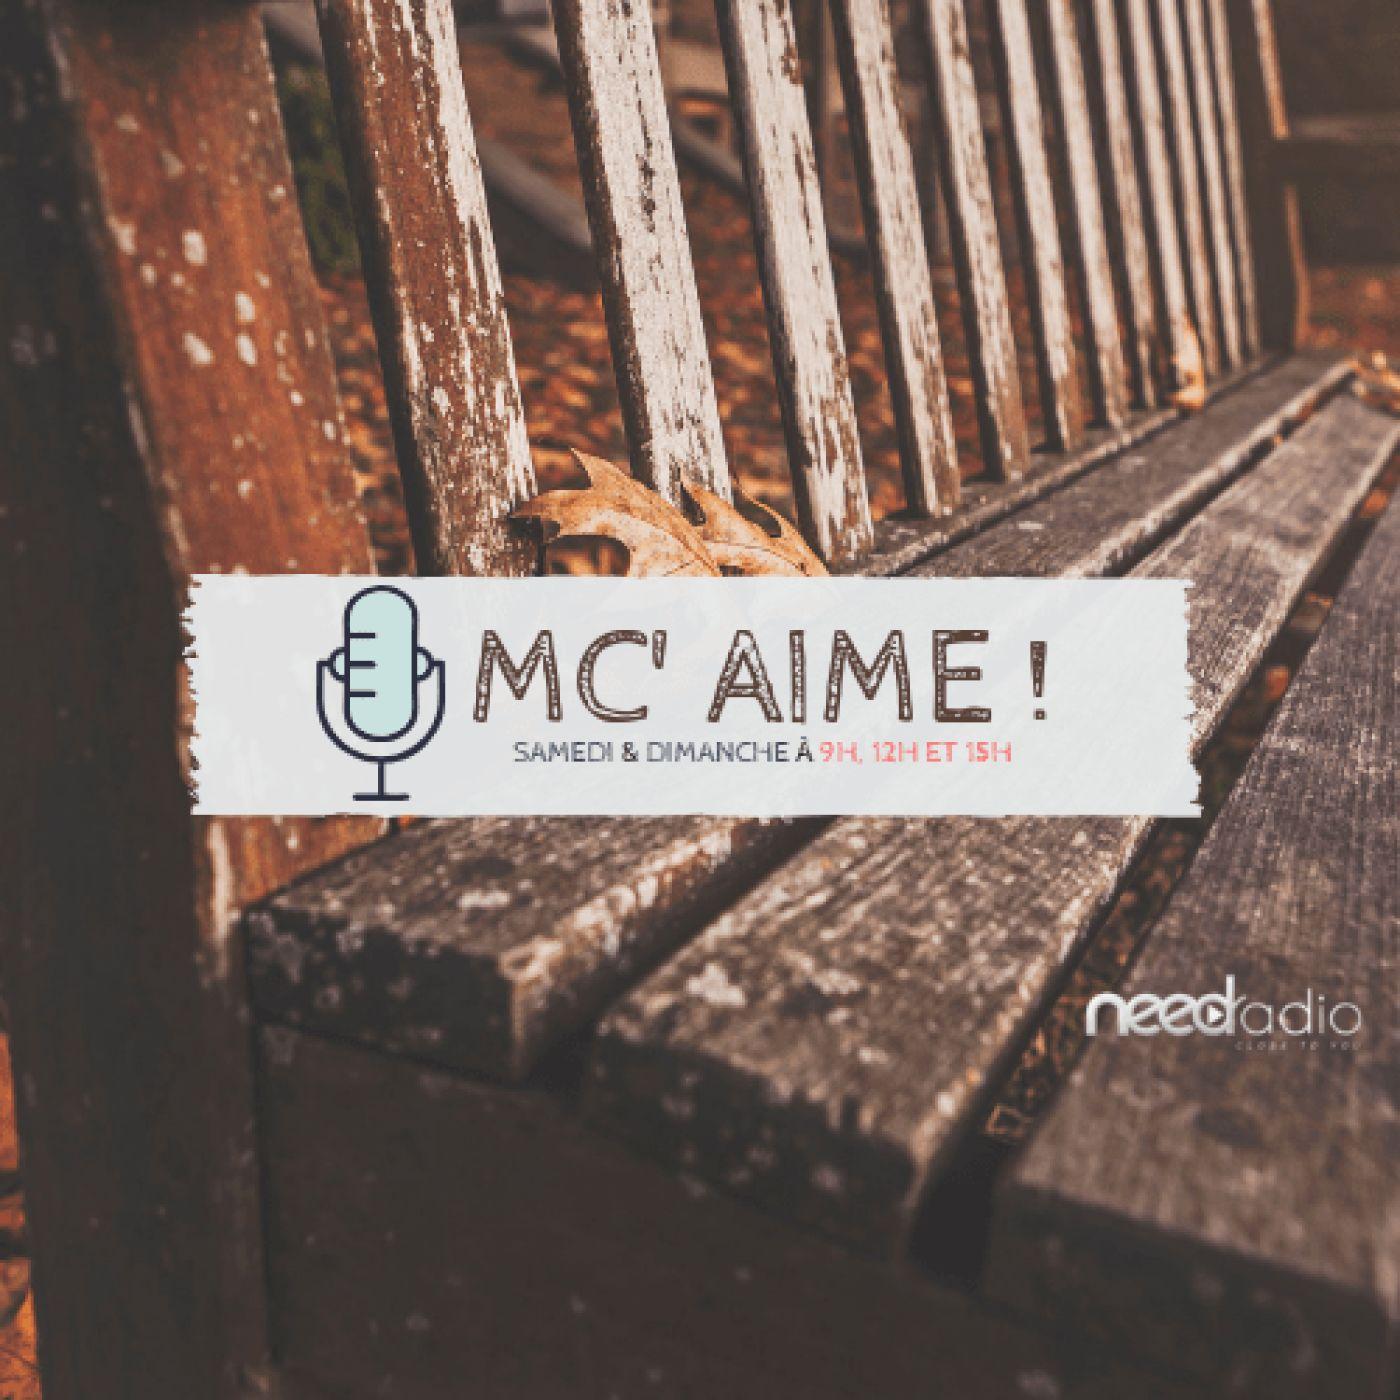 MC' Aime - Anniversaire du MIN de Rungis (24/03/19)